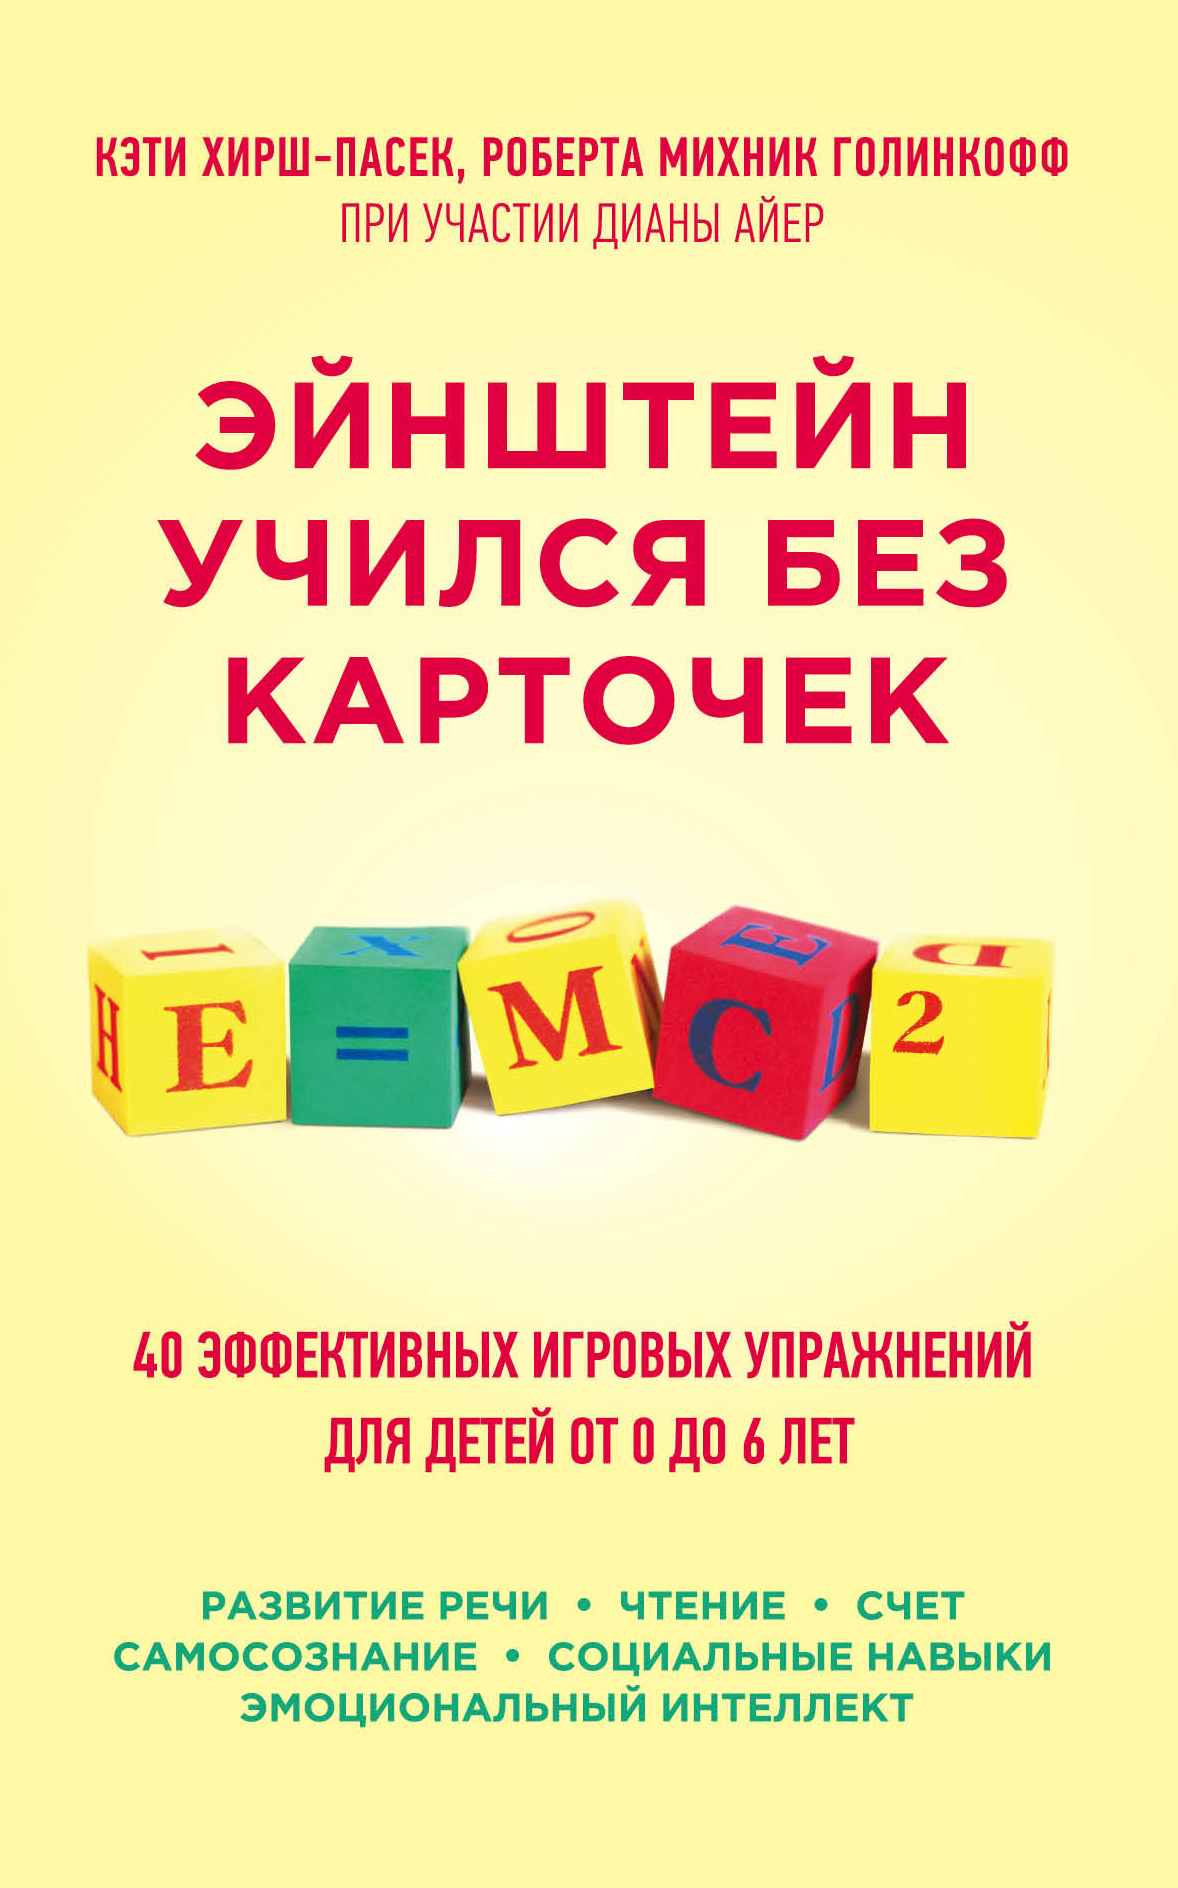 Эйнштейн учился без карточек. 40 эффективных игровых упражнений для детей от 0 до 6 лет